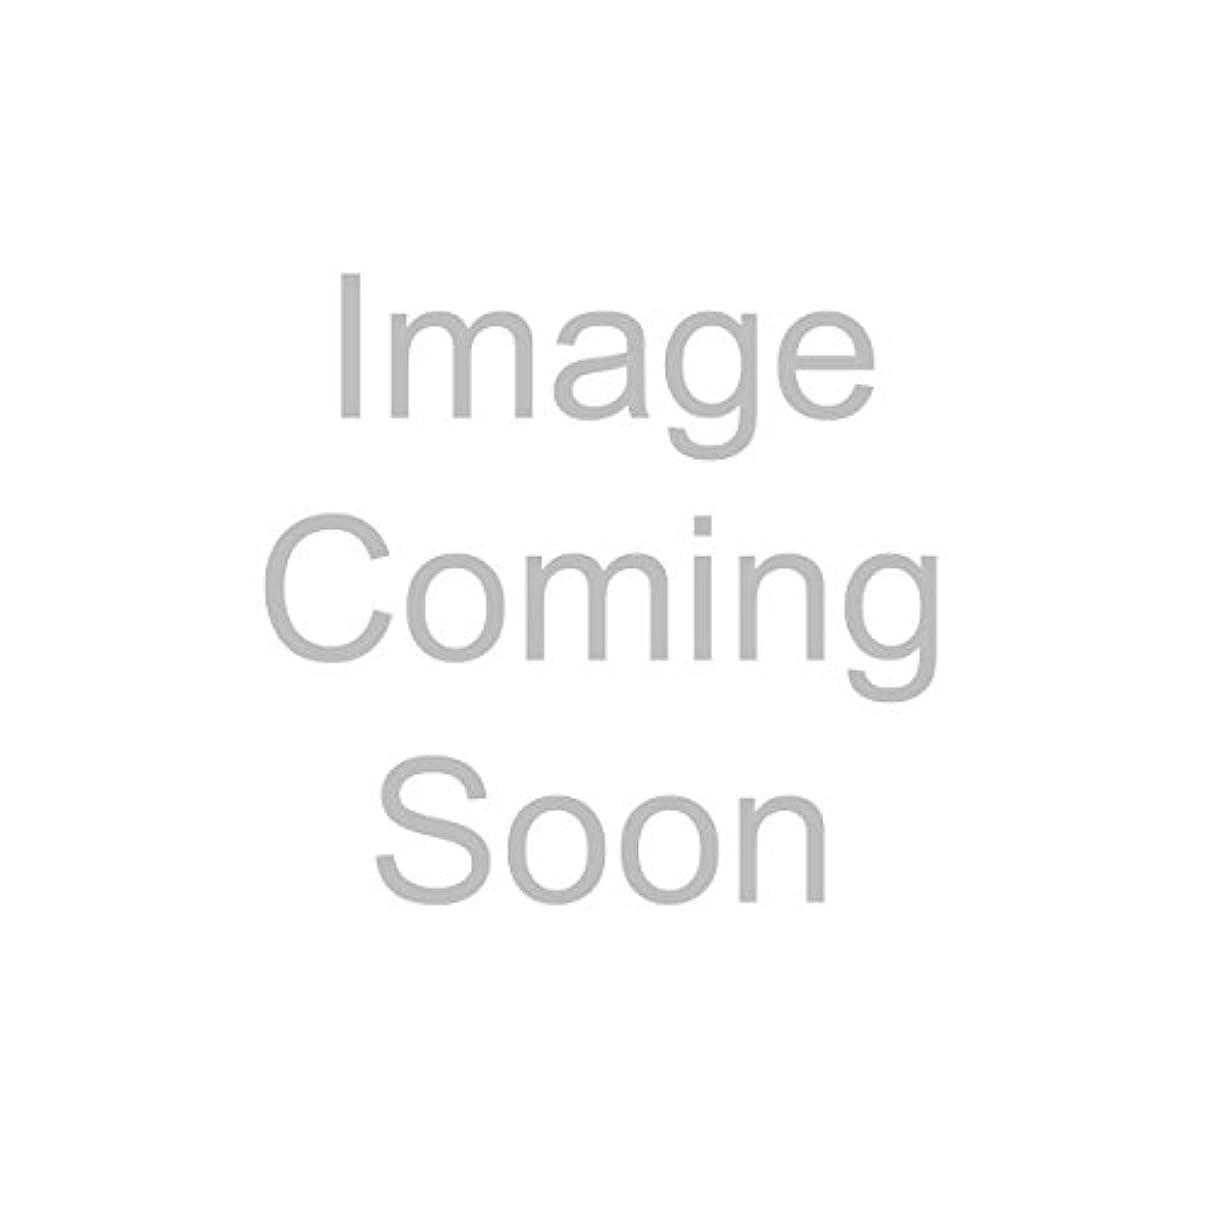 組み込む家庭召喚するRMK アールエムケー クリーミィ ポリッシュト ベース N #01 アイボリー 30g